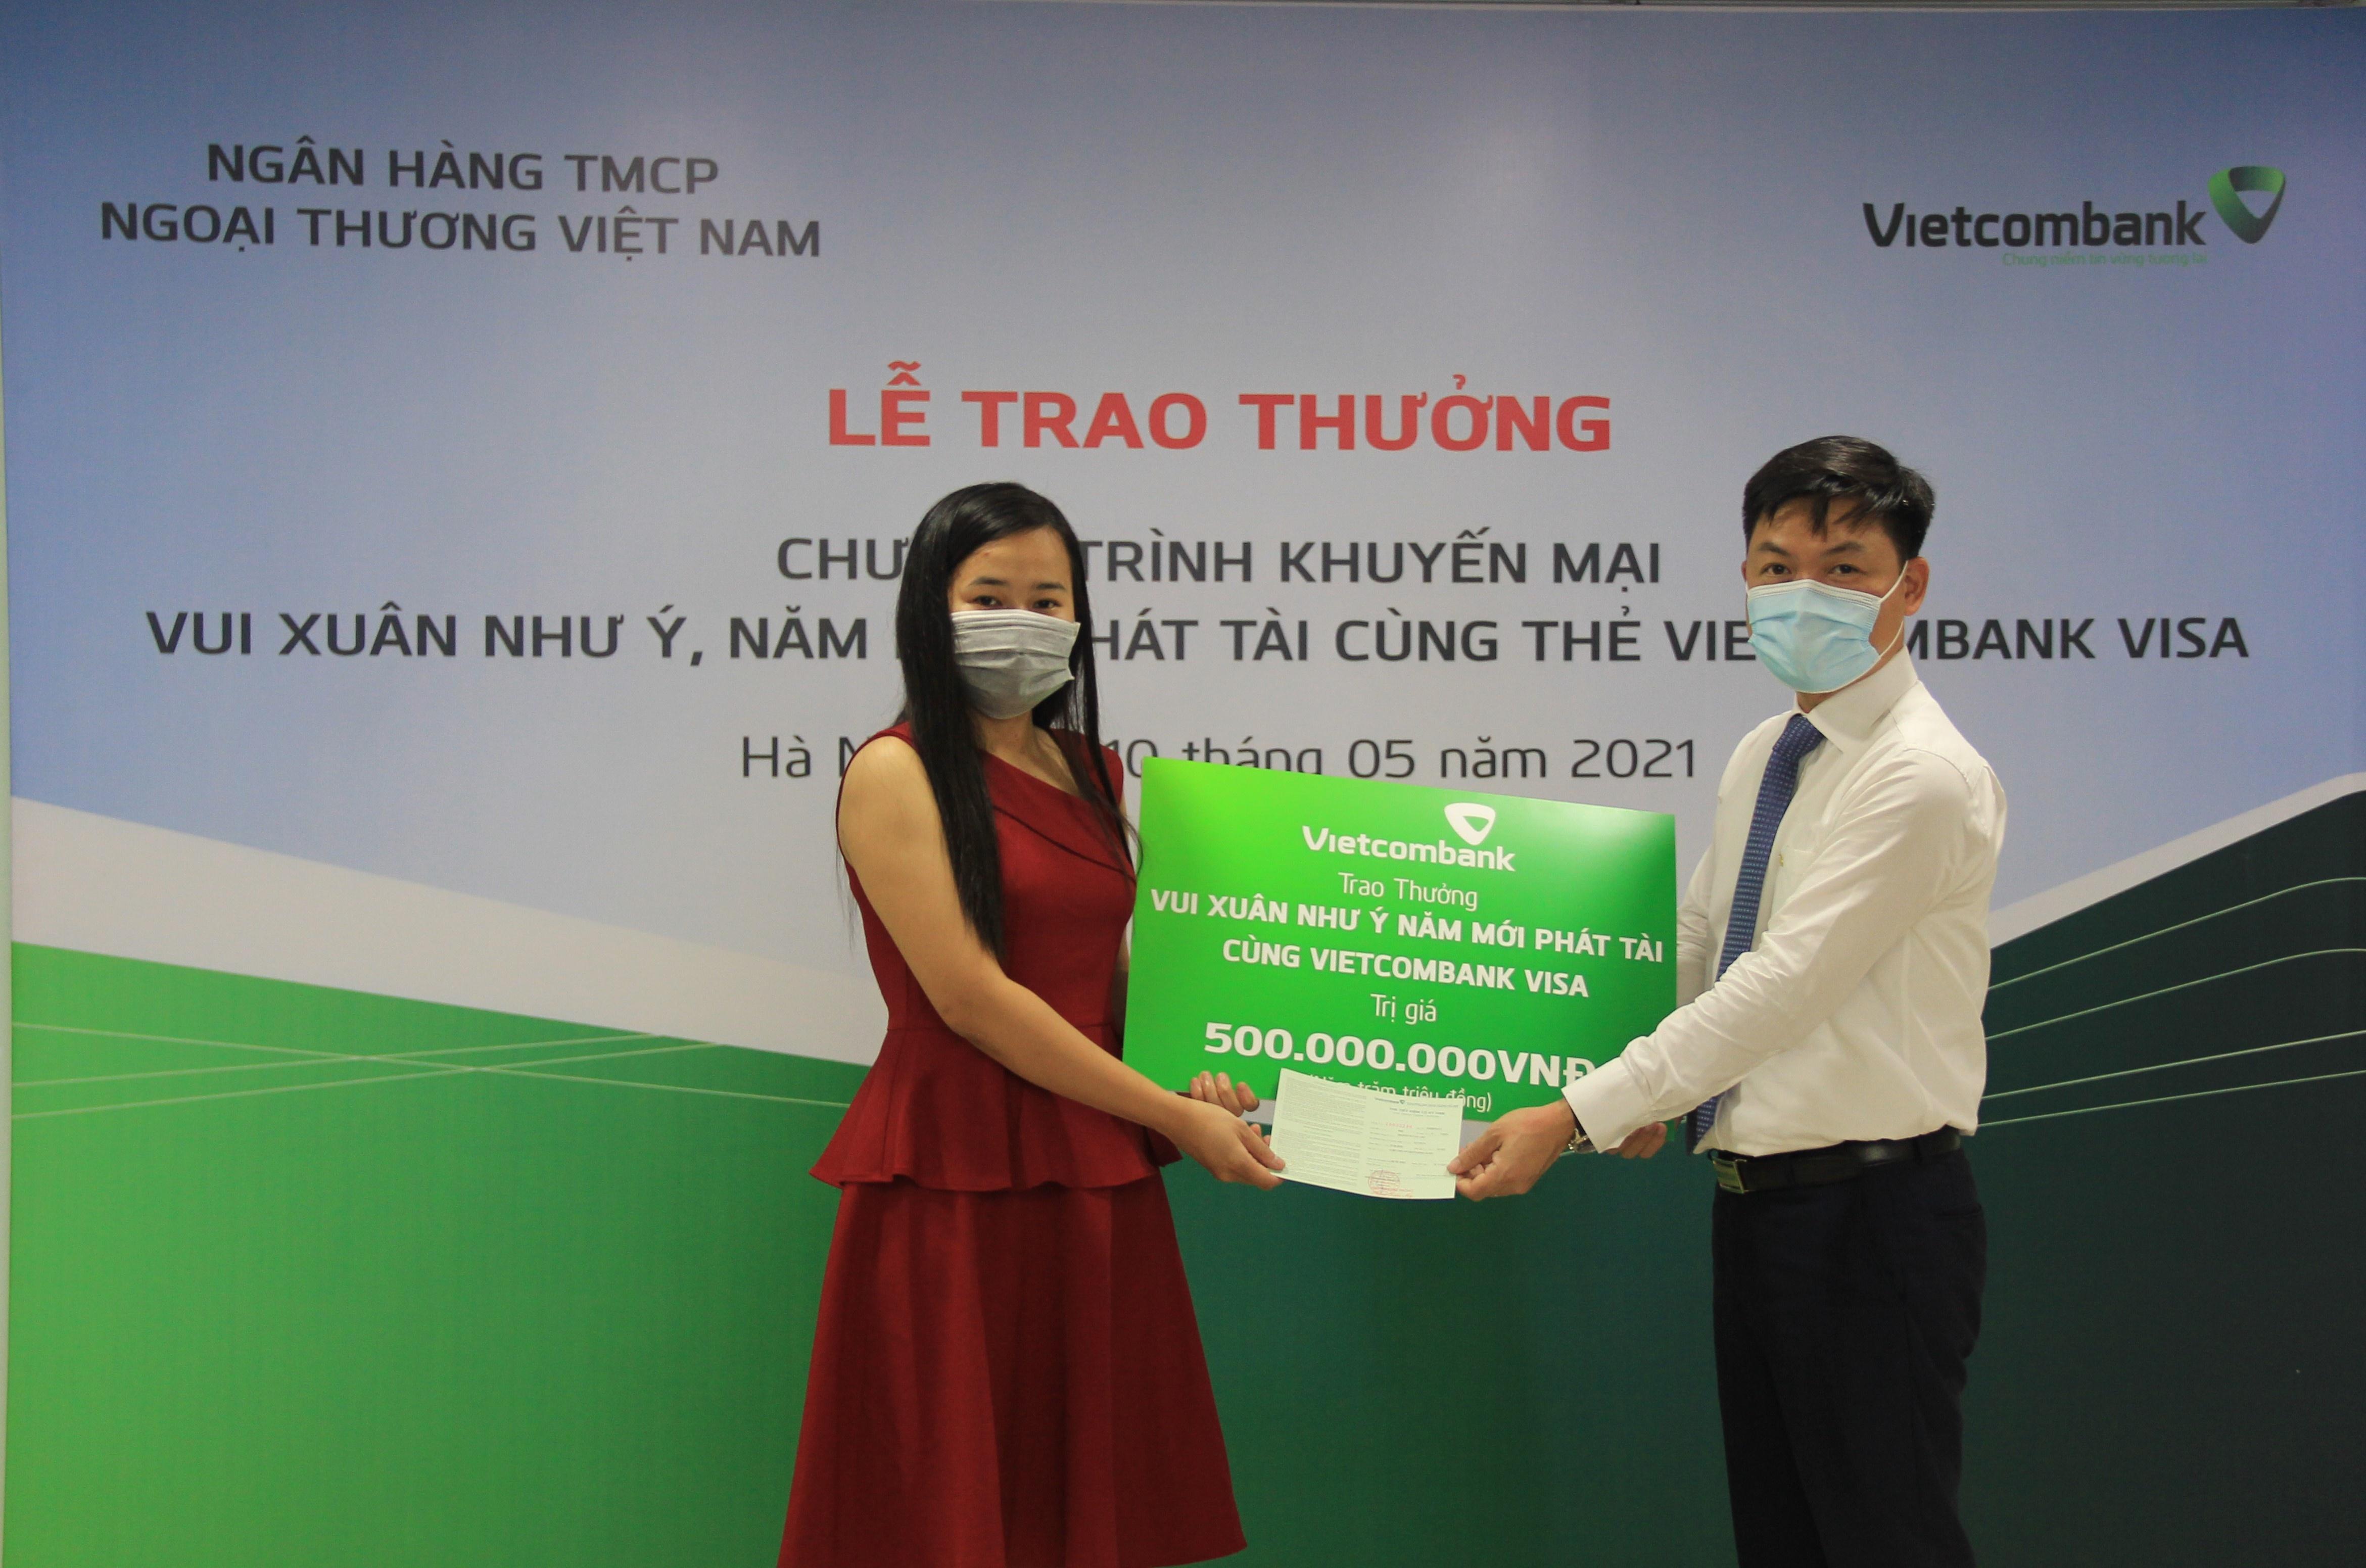 vietcombank trao thuong so tiet kiem 500 trieu dong cho khach hang may man